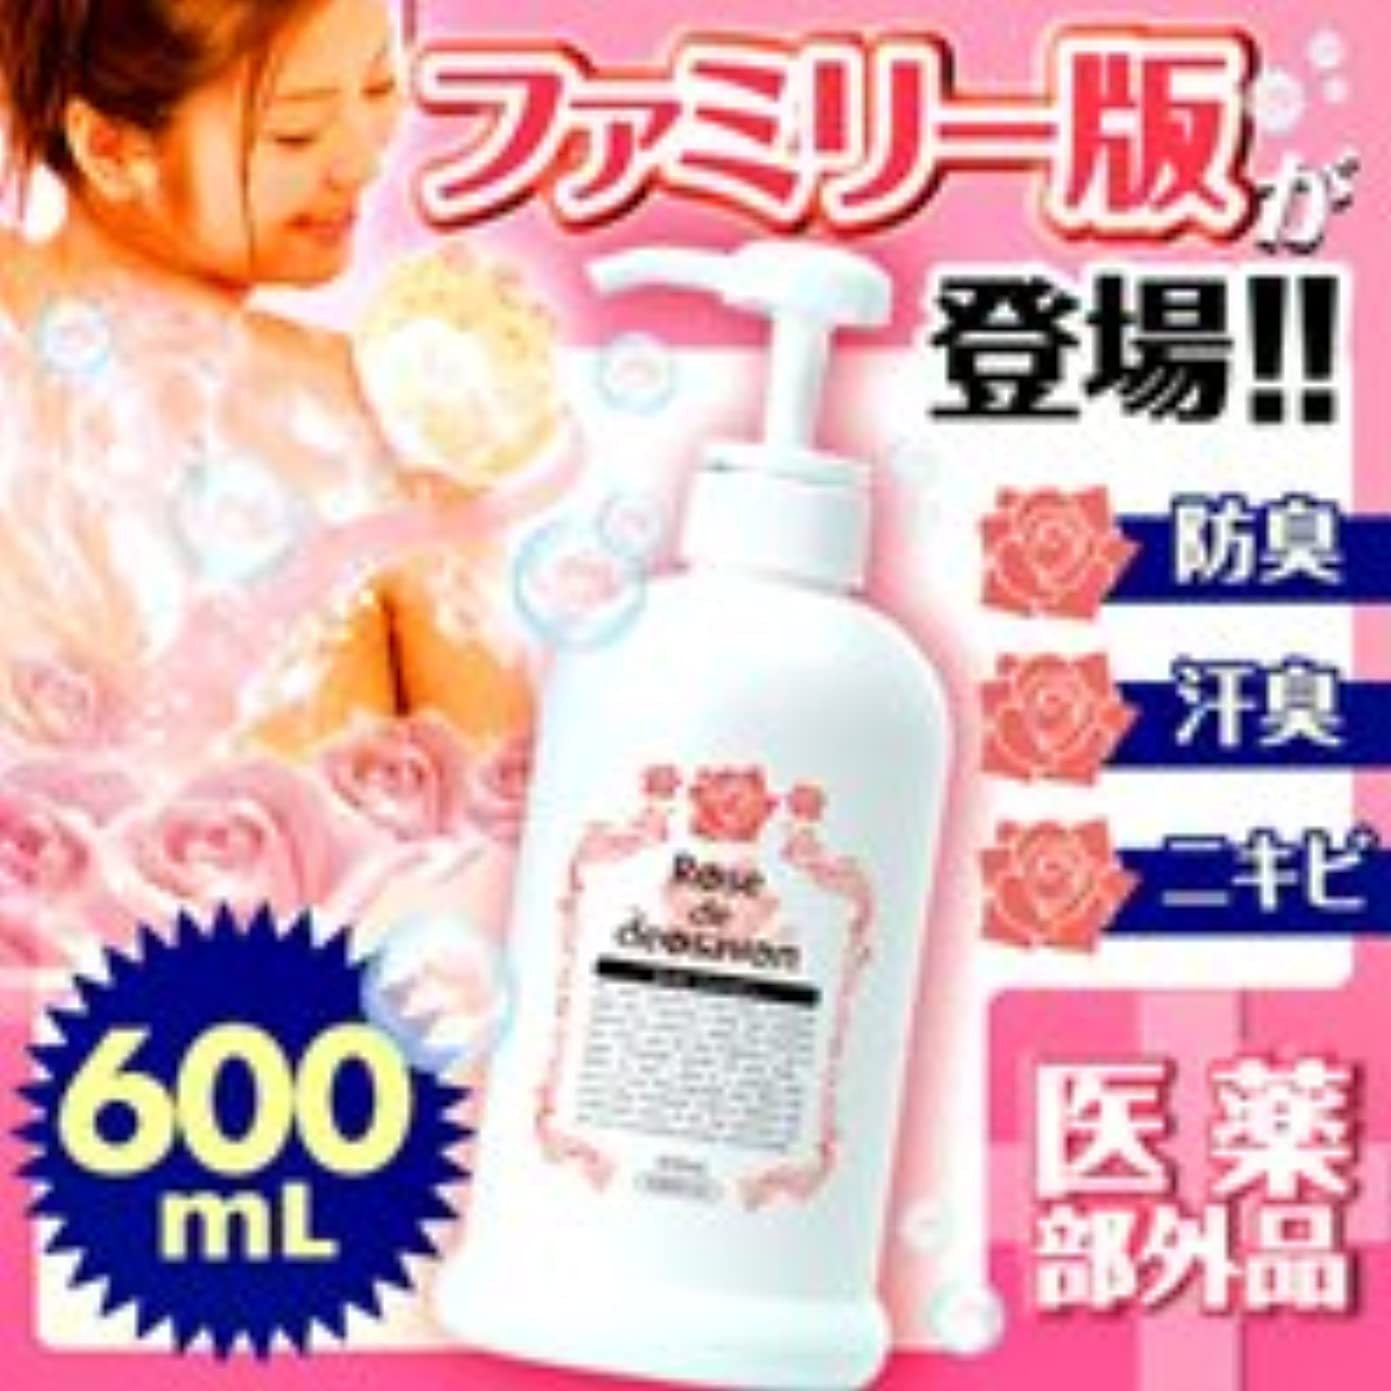 直立よく話されるルームローズドデオシャボン 増量版600ml ※体臭や加齢臭対策に大人気!ファミリー版新登場です!